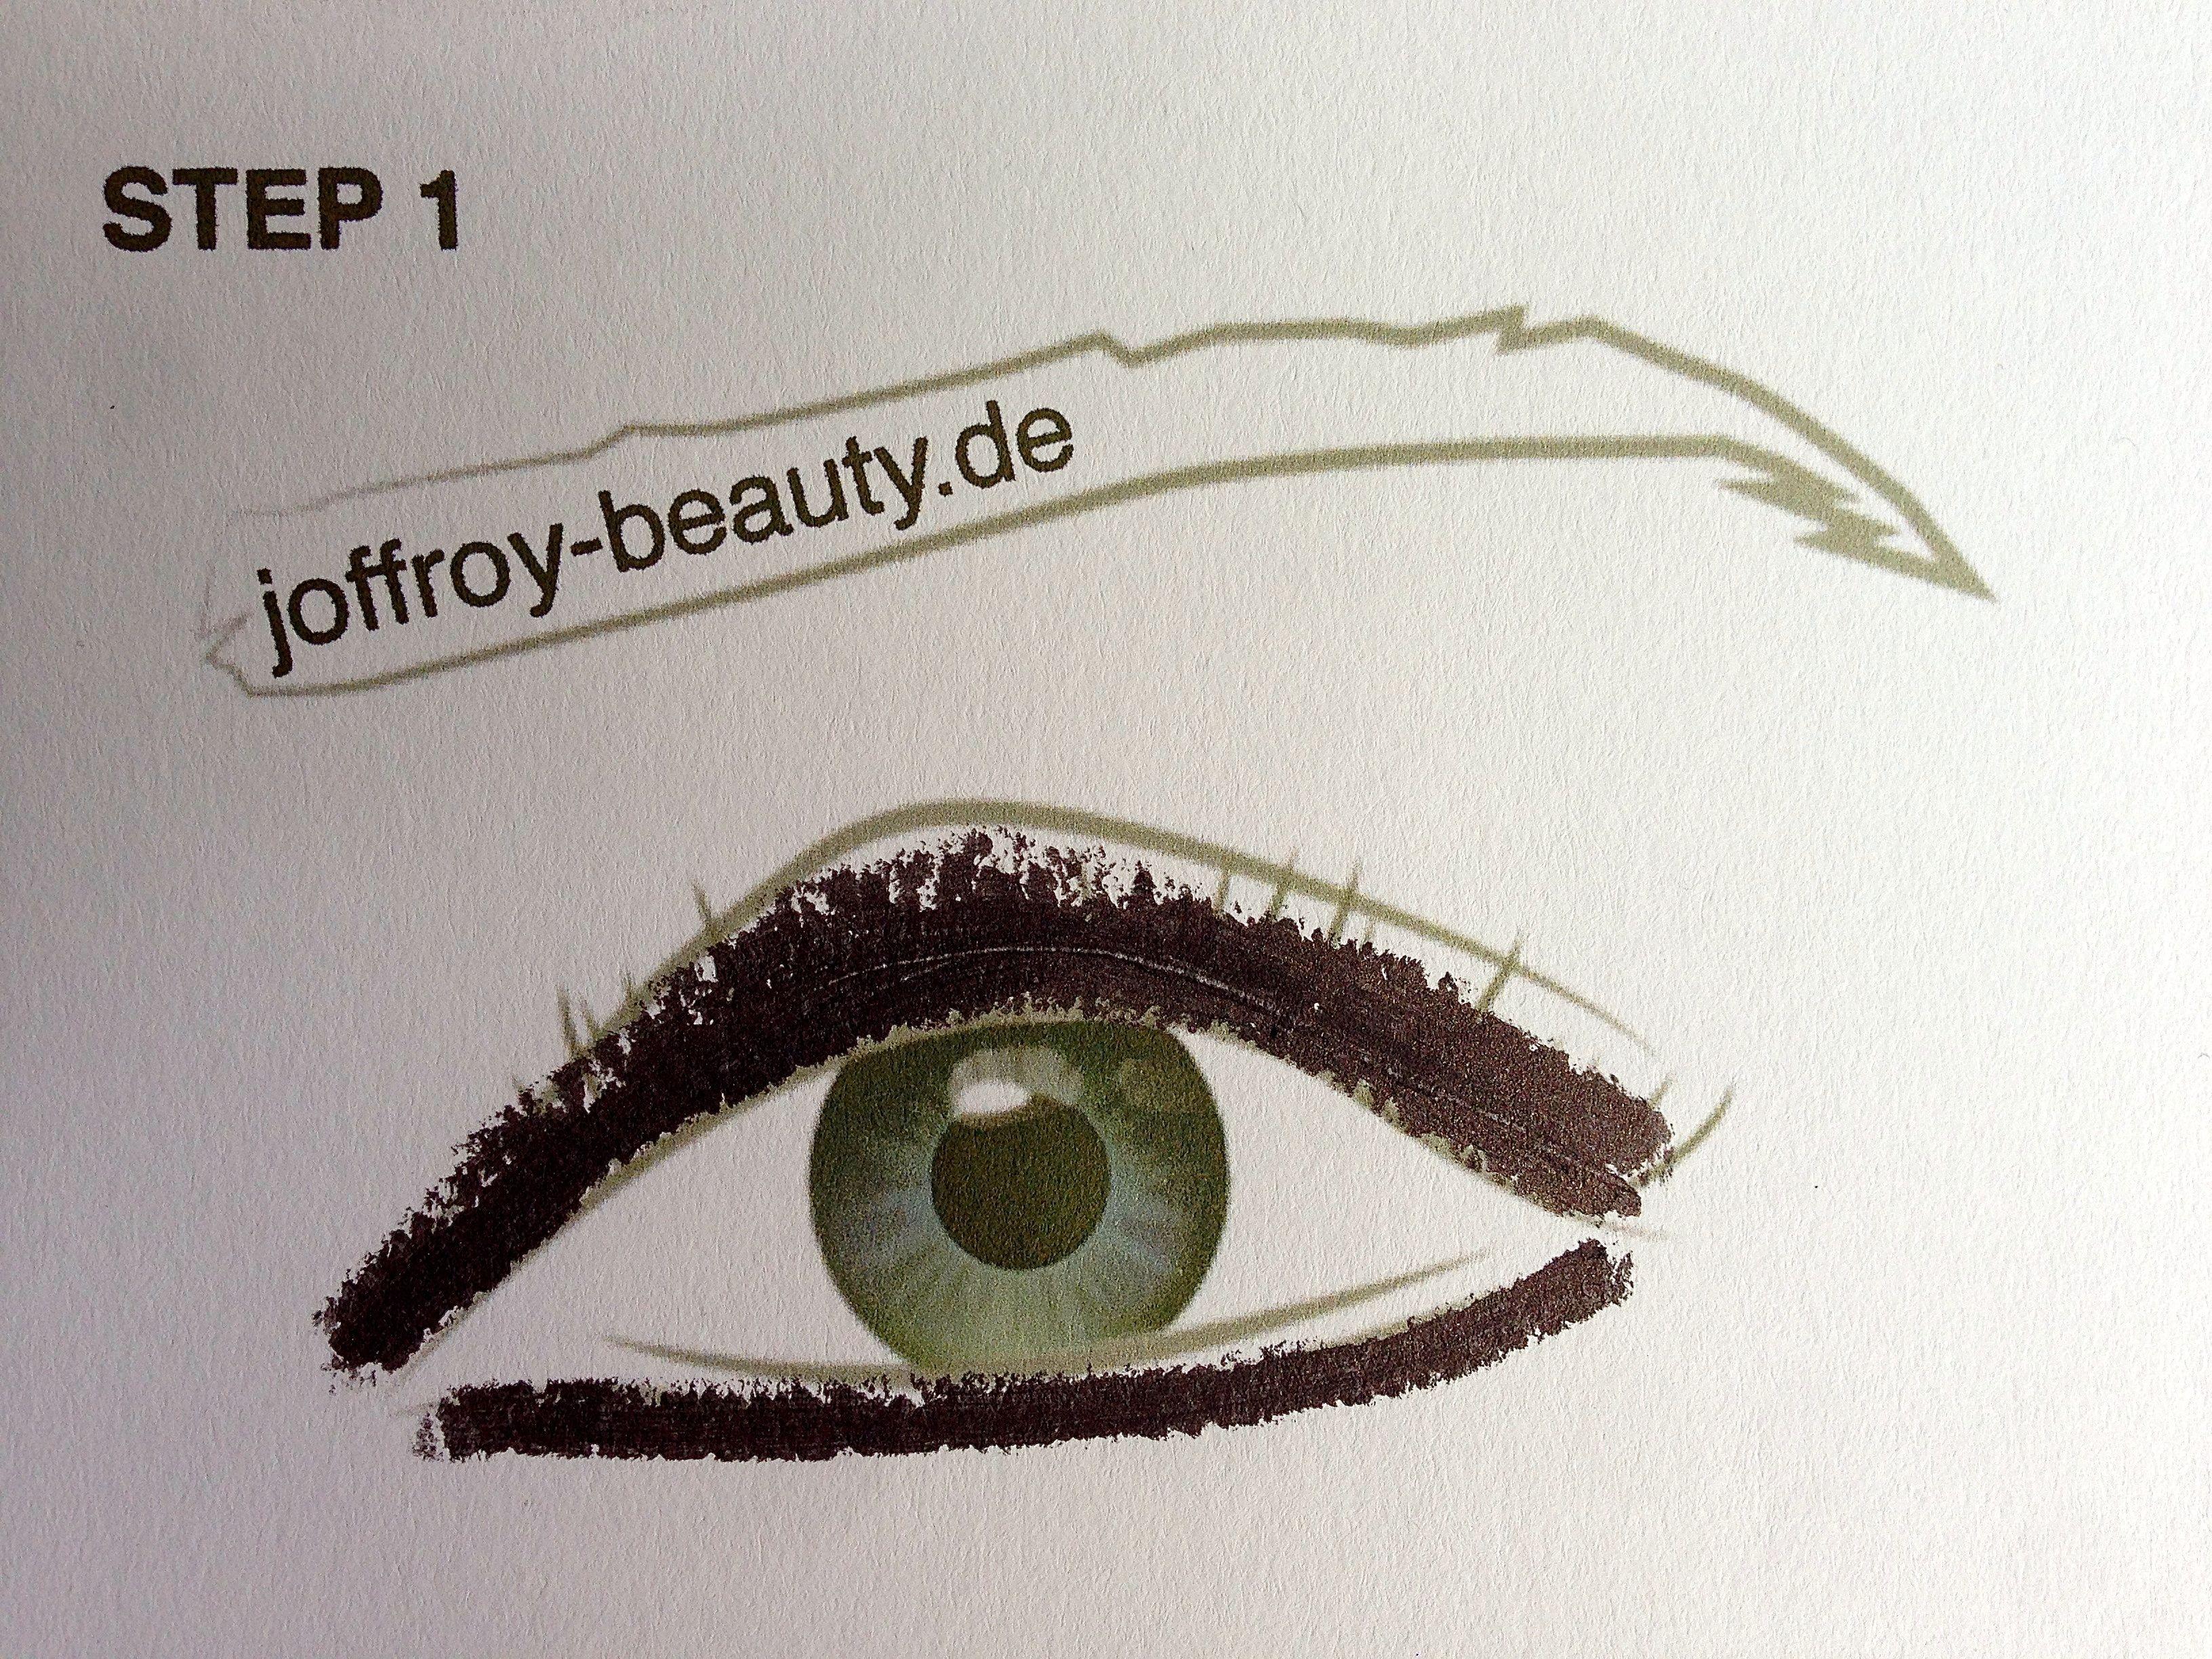 Smokey Eyes - Step 1 - joffroy-beauty.de